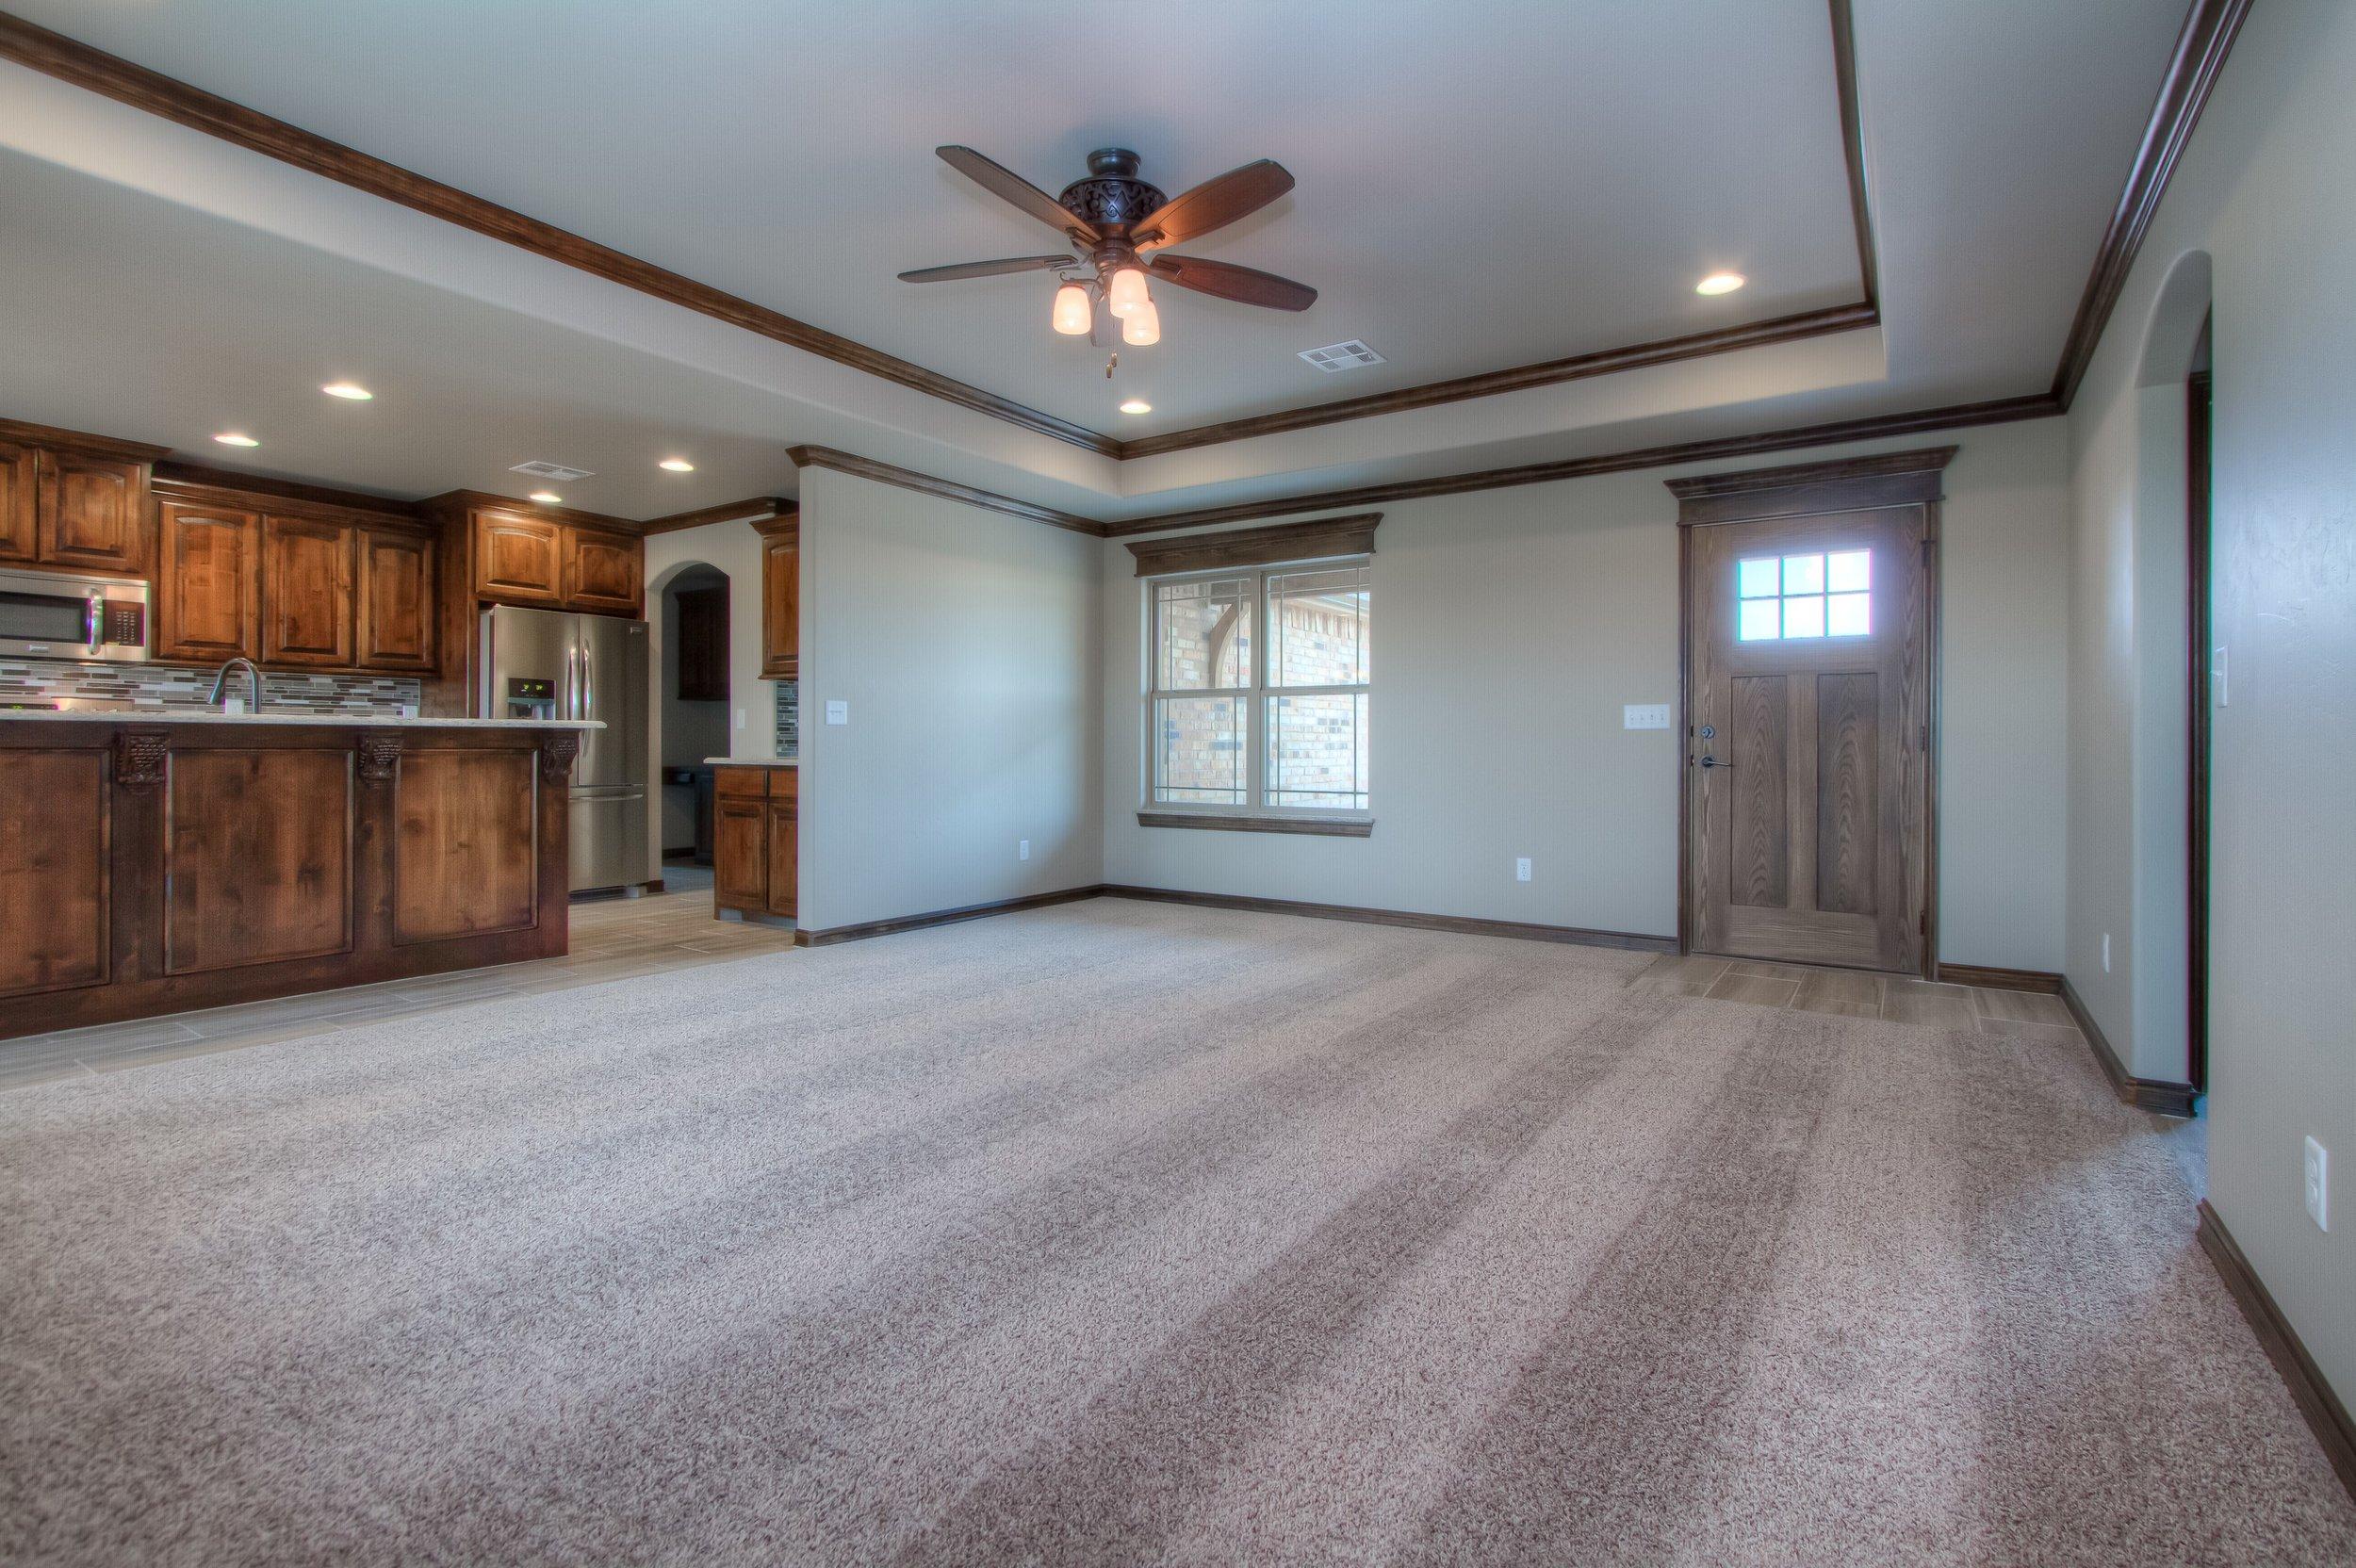 005_Living Room 2.jpg